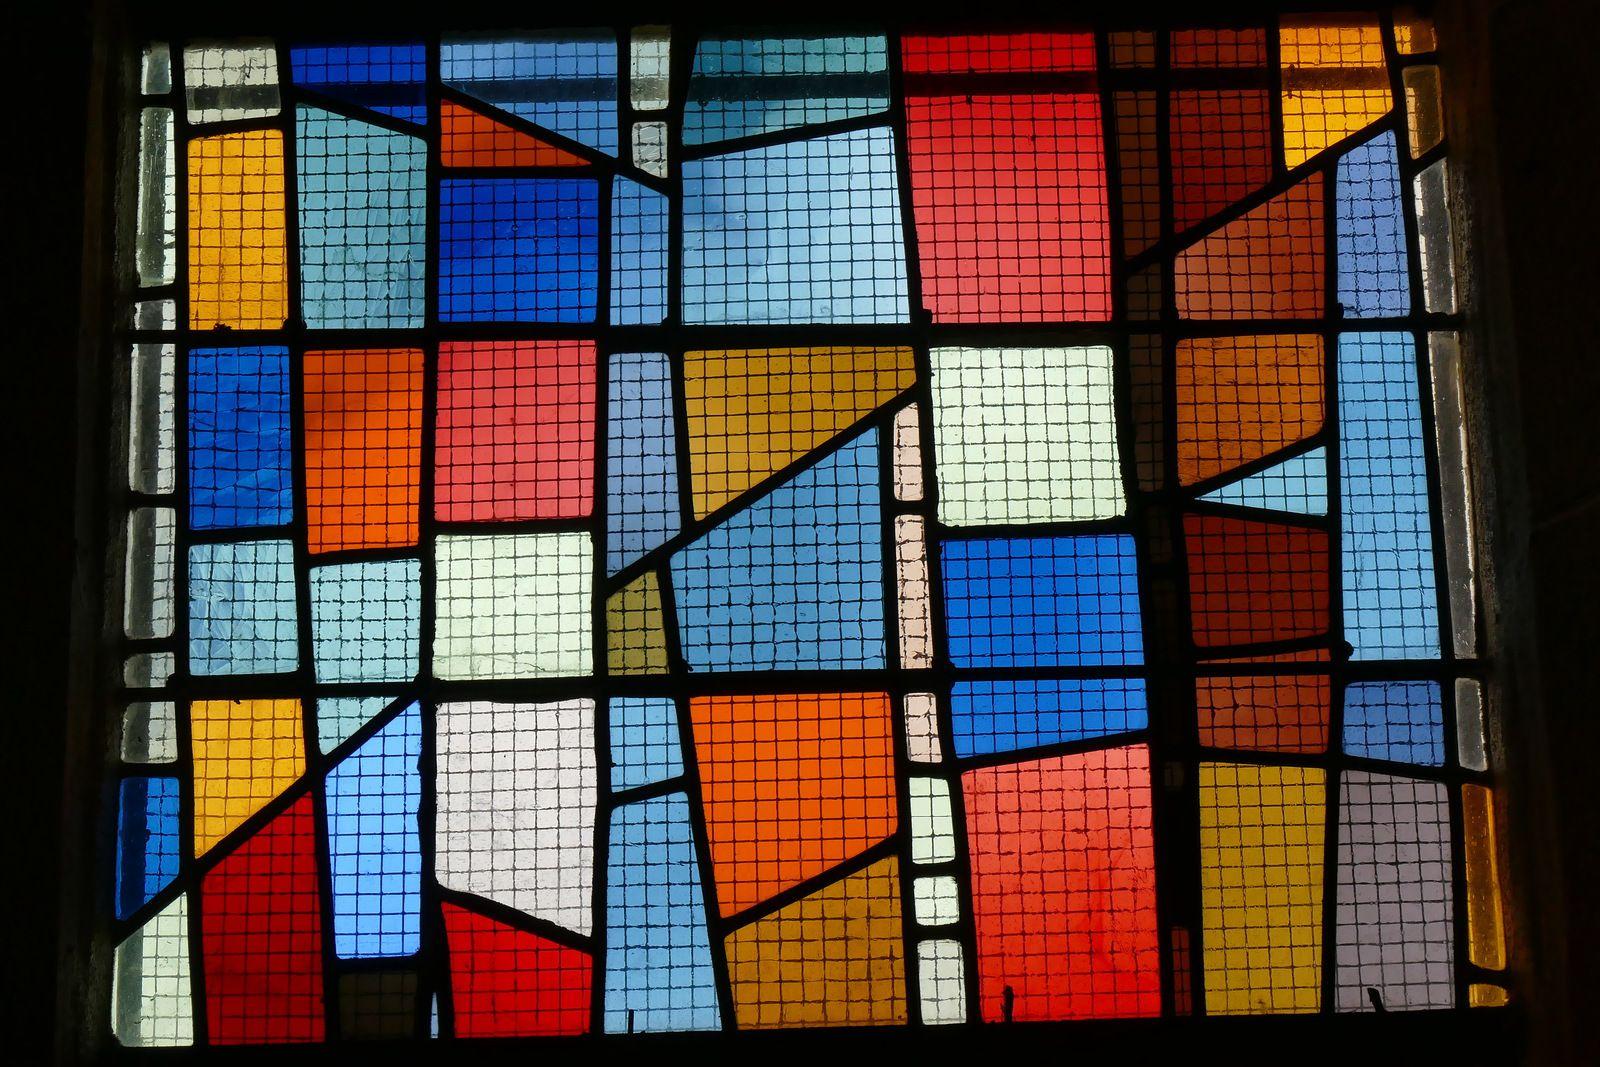 Vitraux (Jacques Bony, 1958) des bas-cotés de l'église du Relecq-Kerhuon. Photographie lavieb-aile août 2020.